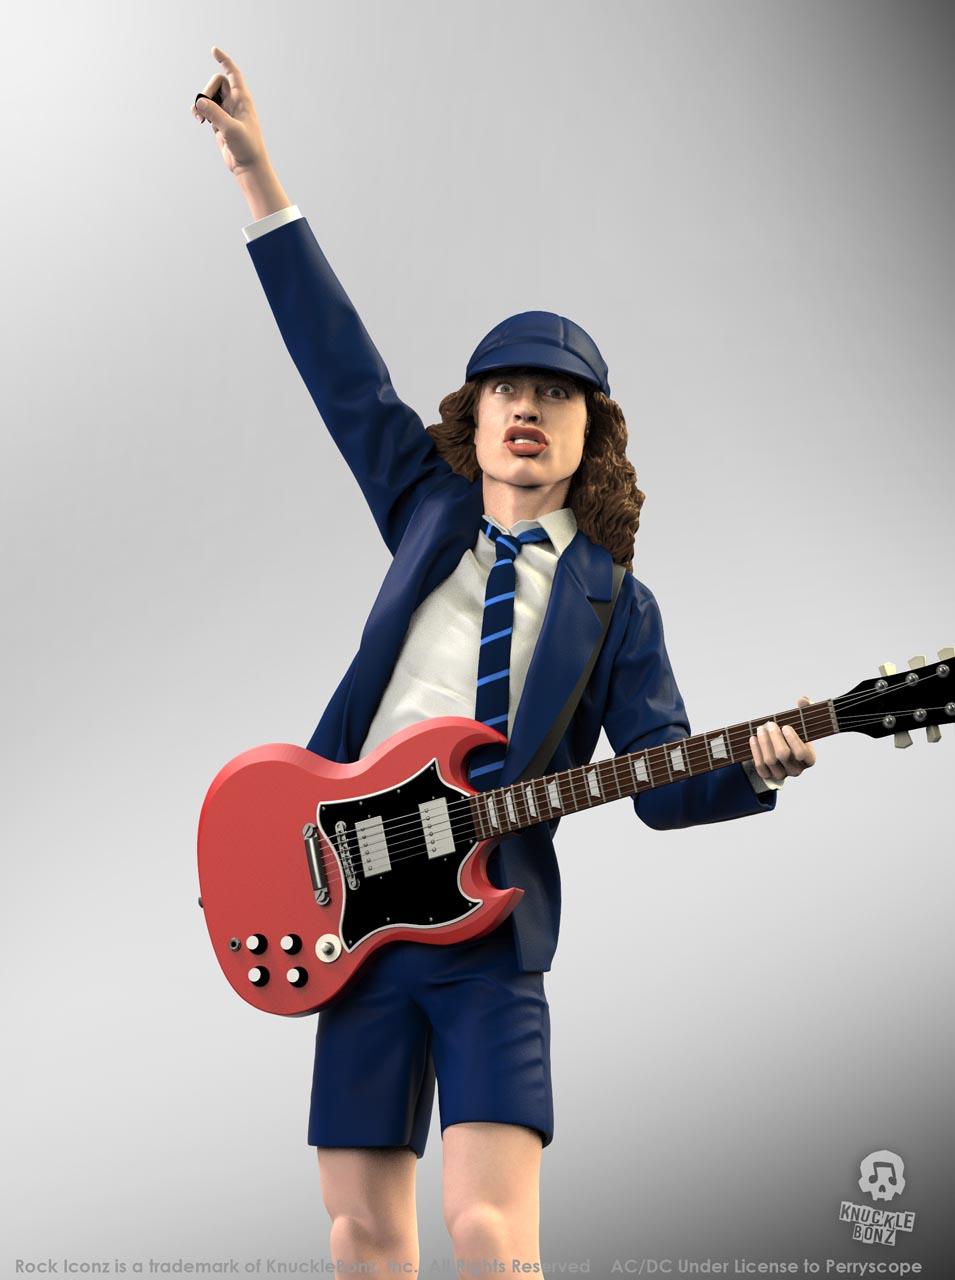 La nouvelle statue d'ANGUS YOUNG 'Rock Iconz' bientôt disponible Angus-14